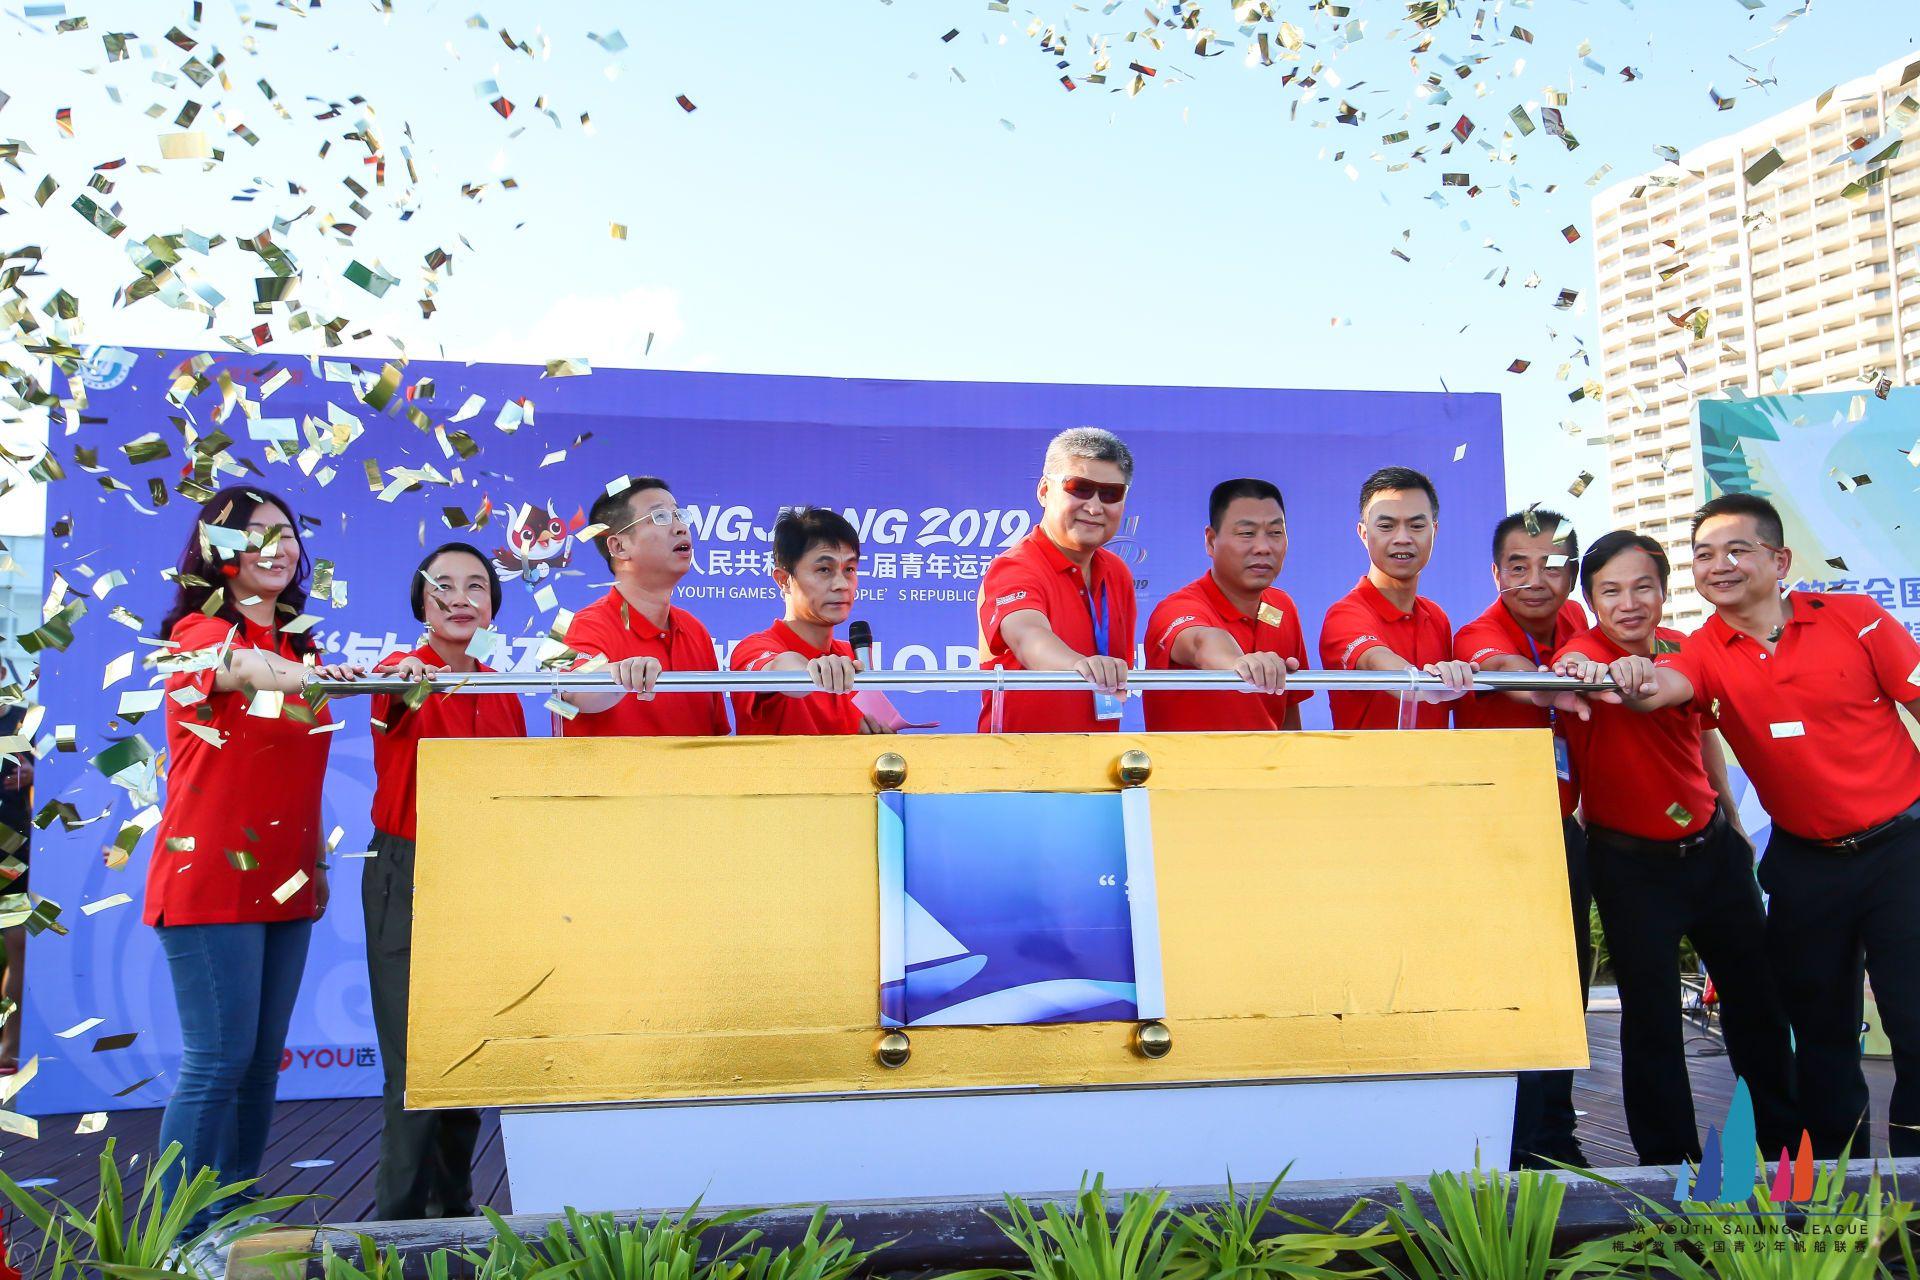 二青会帆船帆板预决赛暨梅沙教育全国青少年帆船联赛阳江站开幕